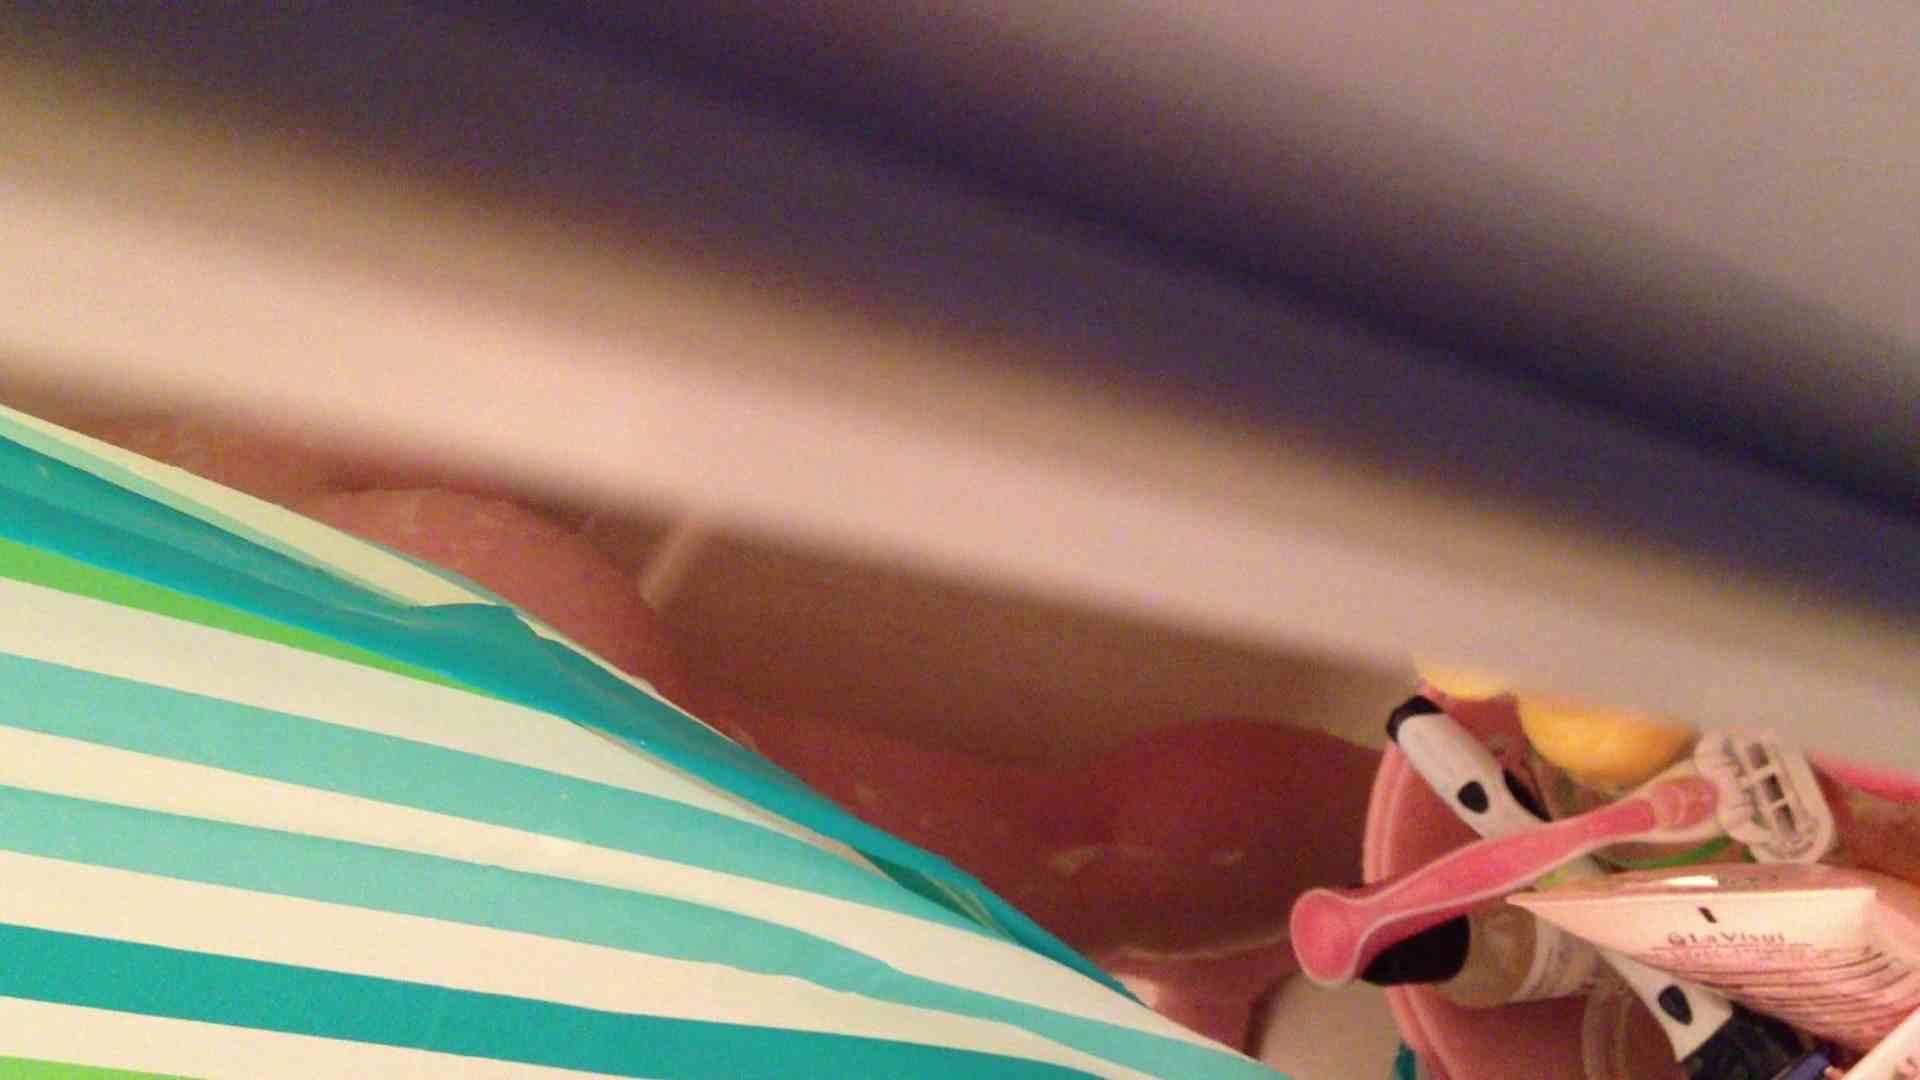 16(16日目)シャワー中にムダ毛処理をする彼女 パイパン天国  88PIX 32